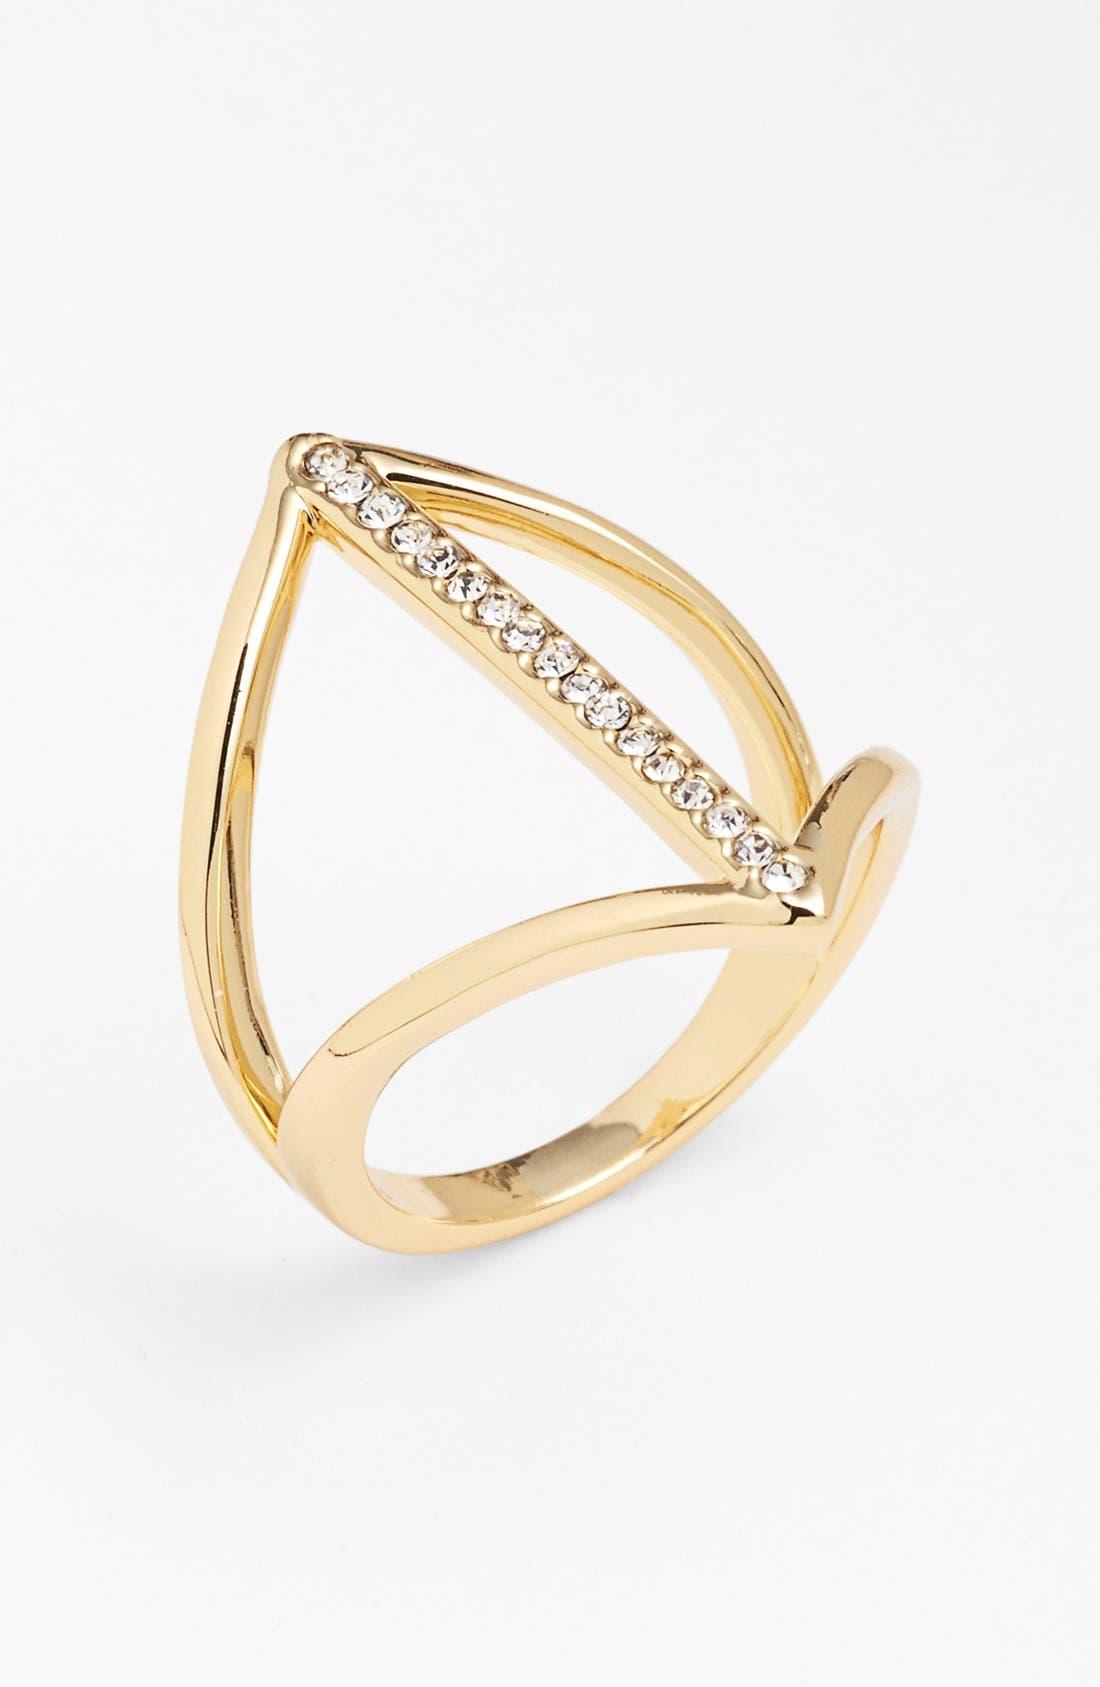 Main Image - Ariella Collection Cutout Ring